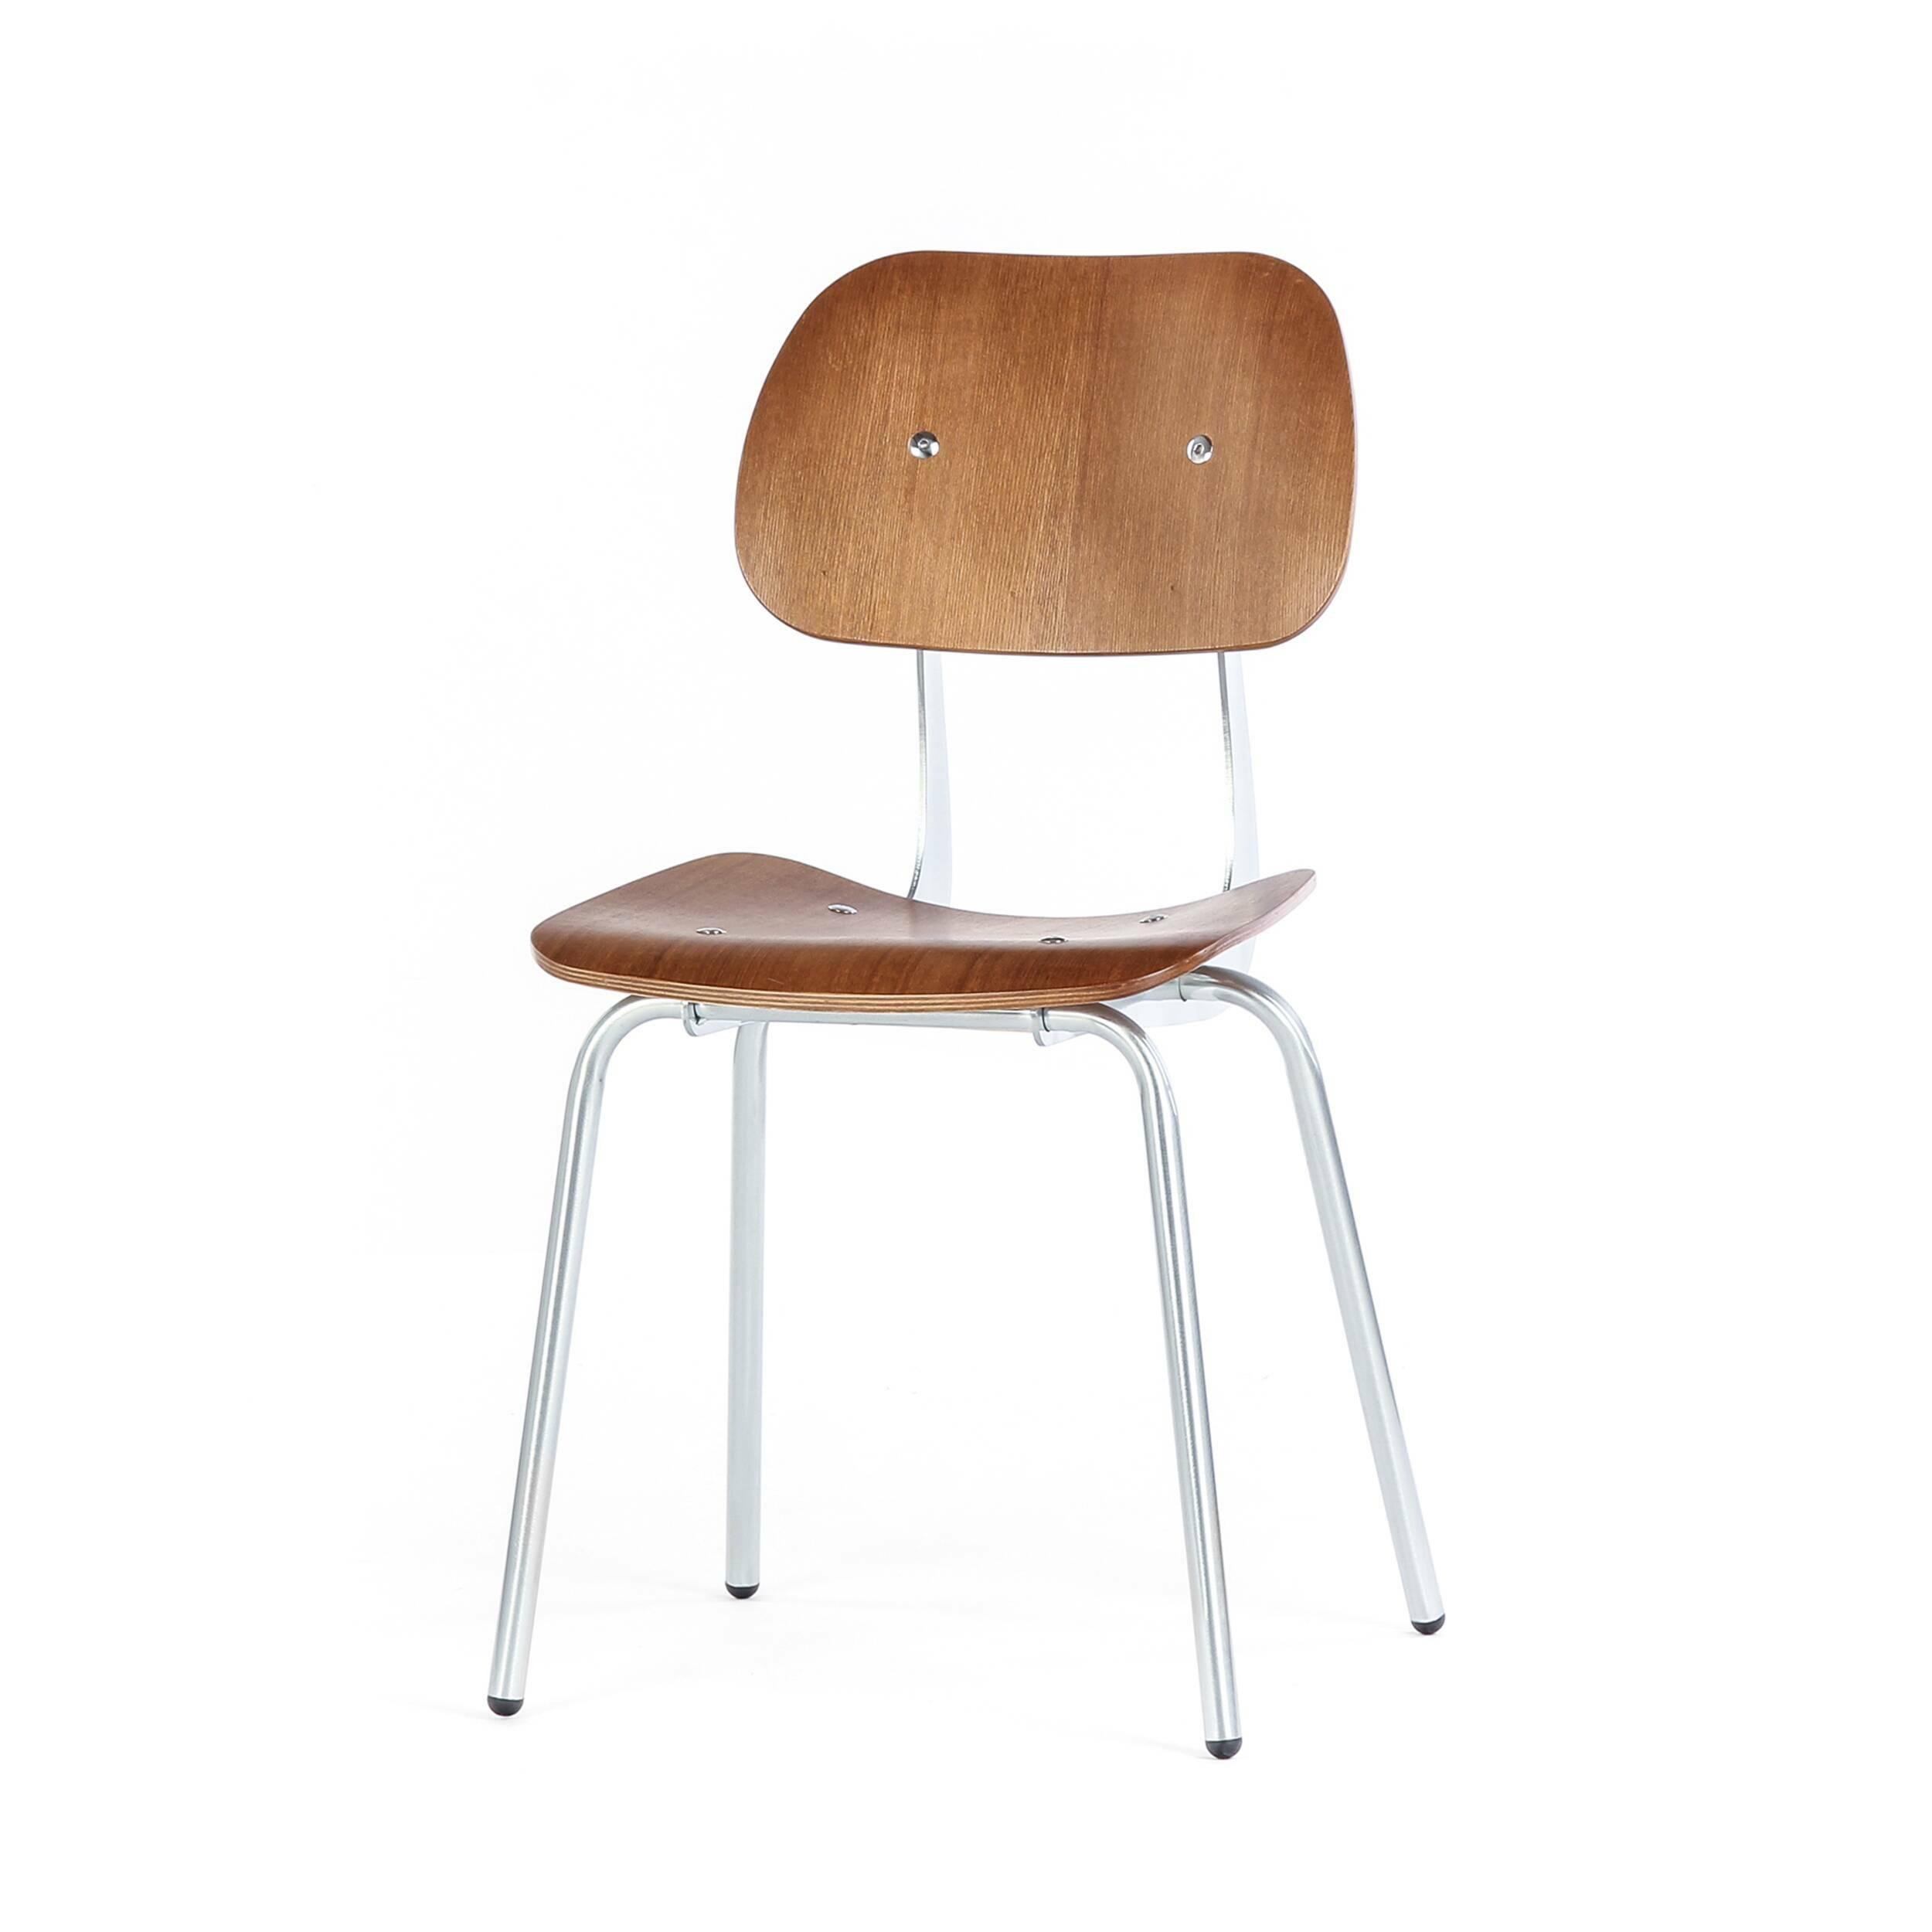 Стул BreaИнтерьерные<br>Лаконичный дизайнерский стул Brea в привычном, классическом стиле – прекрасный вариант для создания спокойного, уютного интерьера. Особенность стула в его простоте, он не будет выделяться на фоне общего интерьера, а мягко вольется в обстановку и станет ее неотъемлемой, функциональной частью.<br><br><br> Стул Brea – это еще и гарантия надежности и качества. Мастера изготавливают его из наиболее прочных и долговечных материалов, которые способны выдерживать большие нагрузки и не боятся износа.<br><br>...<br><br>stock: 24<br>Высота: 85<br>Высота сиденья: 45<br>Ширина: 49,5<br>Глубина: 49<br>Цвет ножек: Гальванизированный<br>Материал сидения: Фанера, шпон ивы<br>Цвет сидения: Коричневый<br>Тип материала сидения: Фанера<br>Тип материала ножек: Сталь